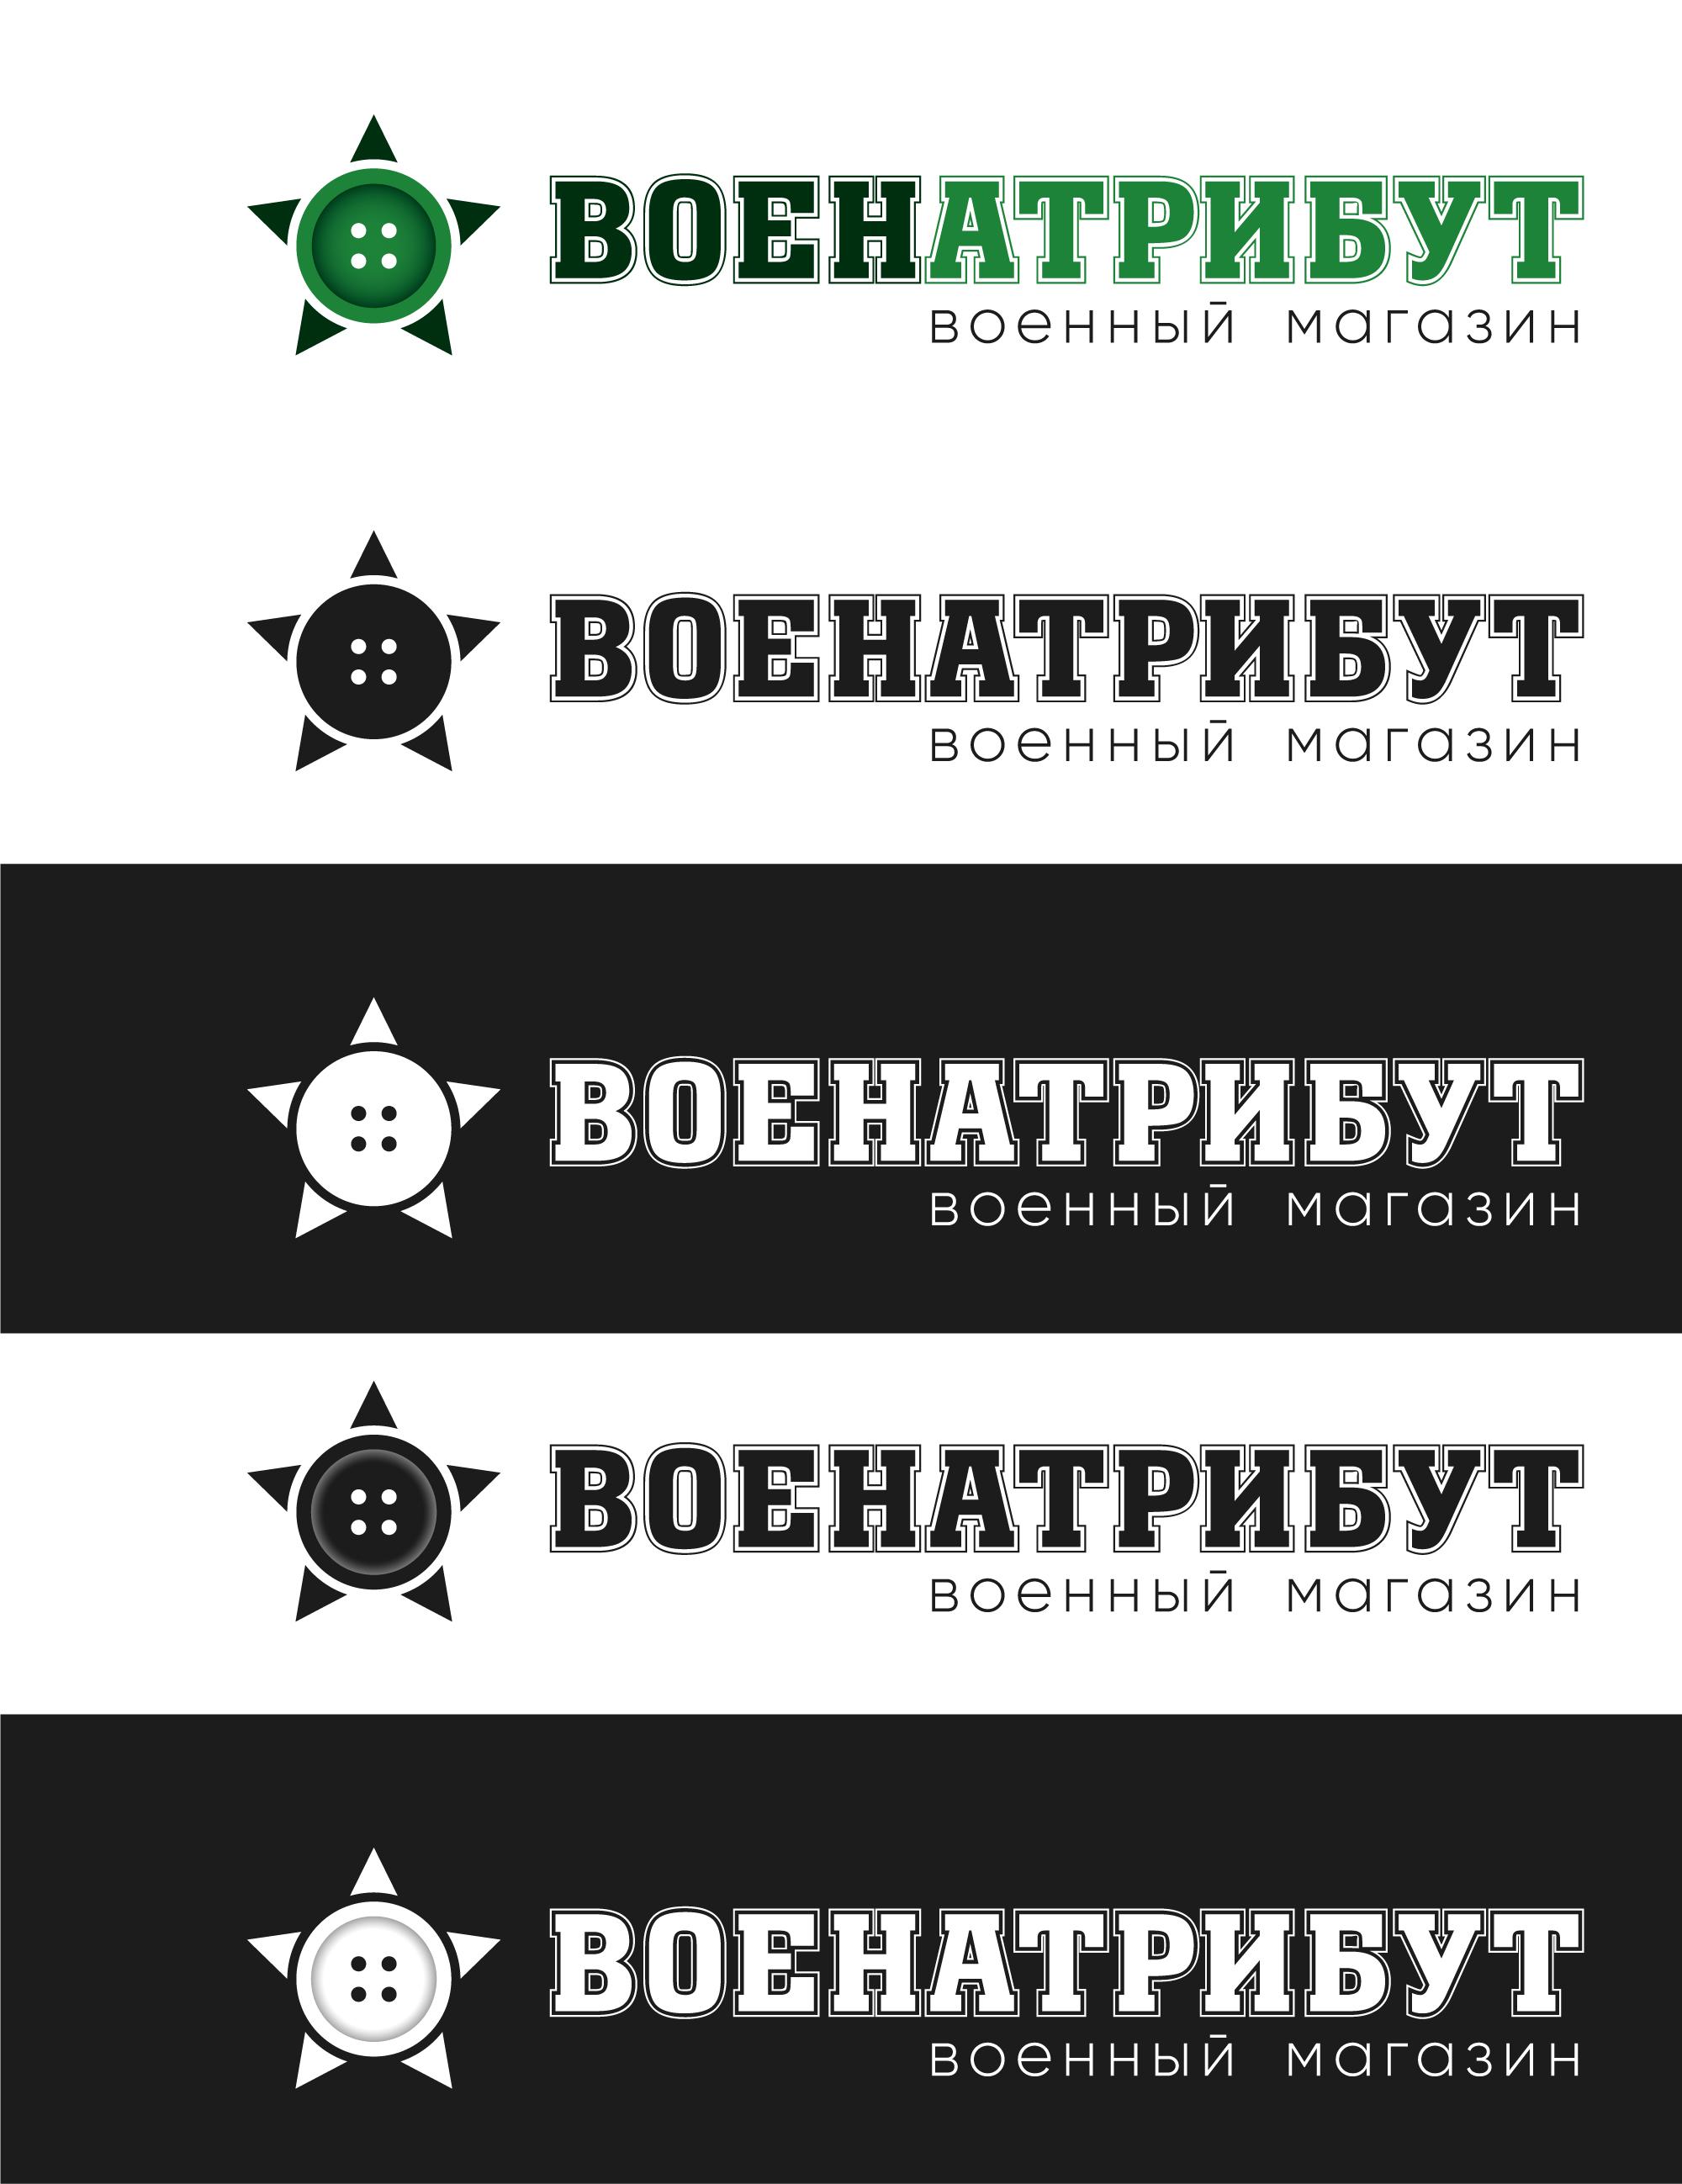 Разработка логотипа для компании военной тематики фото f_083601d9266c4a49.jpg